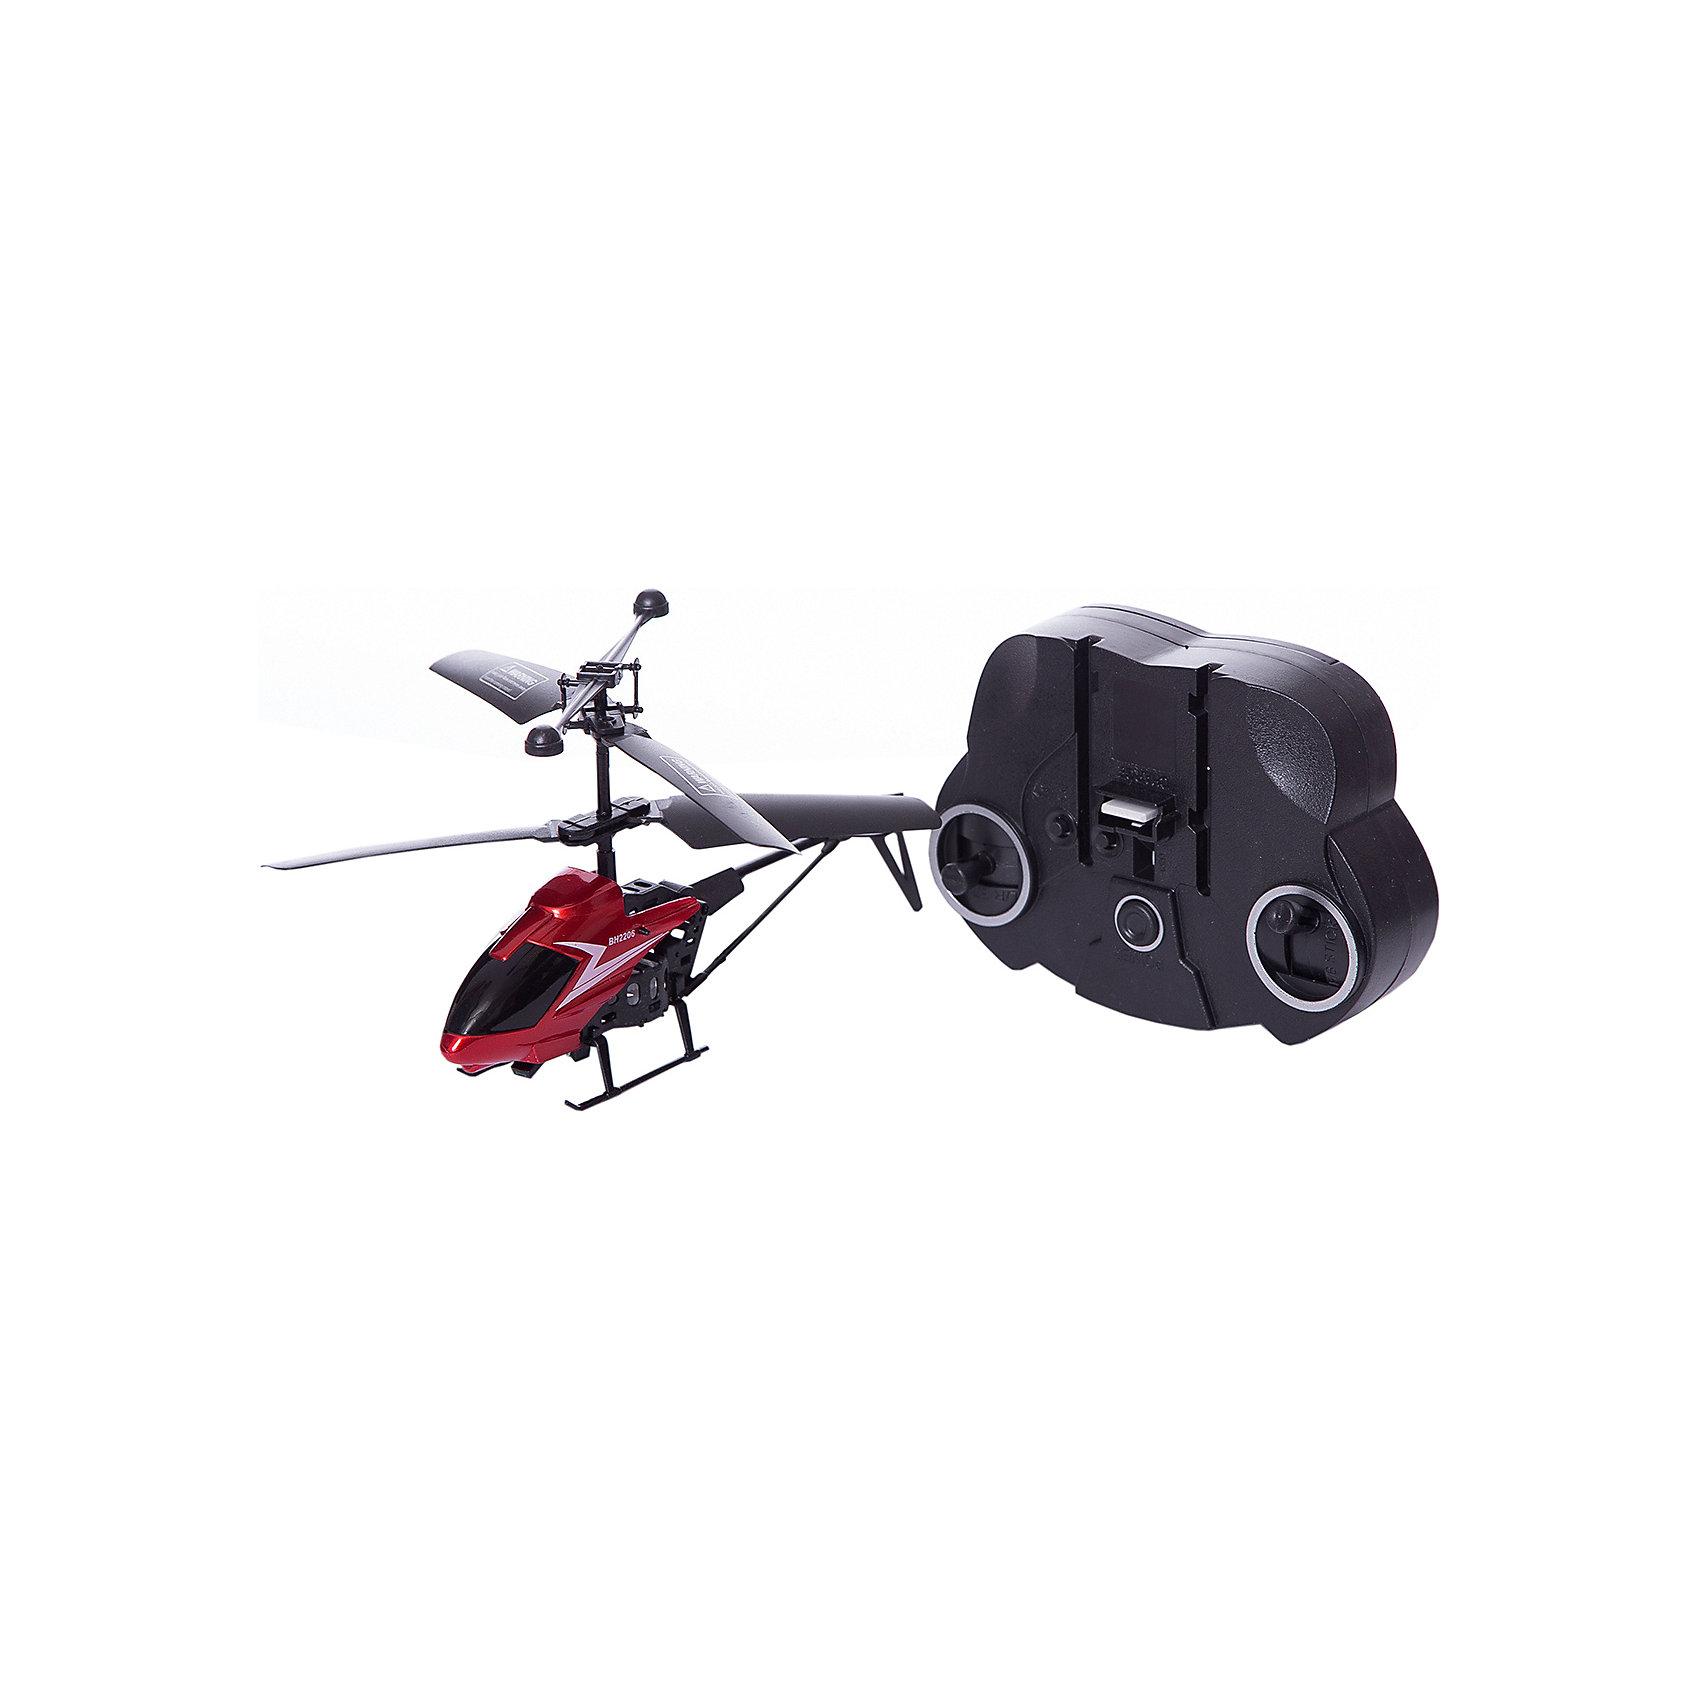 Радиоуправляемый вертолет Пчелка на и/у, Властелин небесРадиоуправляемый транспорт<br>Радиоуправляемый вертолет Пчелка на и/у, Властелин небес<br><br>Характеристики:<br><br>• летает вверх, вниз, влево и вправо<br>• поворачивается, вращается и зависает в воздухе<br>• светящиеся сигнальные огни<br>• встроенный гироскоп<br>• время игры: 6 минут<br>• длина вертолета: 30 см<br>• радиус действия: 10 метров<br>• в комплекте: вертолет, пульт управления, инструкция<br>• батарейки: АА - 4 шт. (не входят в комплект)<br>• размер упаковки: 32х14х6 см<br>• вес: 180 грамм<br><br>Вертолёт Пчёлка подарит много радости и положительных эмоций вашему ребенку! Вертолёт умеет летать вверх, вниз, вправо и влево, а также разворачивается вокруг своей оси. Встроенный гироскоп стабилизирует полет и позволяет игрушке висеть в воздухе. Время игры при полной зарядке - 6 минут.<br>Для работы необходимы 4 батарейки АА (не входят в комплект)<br><br>Радиоуправляемый вертолет Пчелка на и/у, Властелин небес можно купить в нашем интернет-магазине.<br><br>Ширина мм: 50<br>Глубина мм: 300<br>Высота мм: 125<br>Вес г: 250<br>Возраст от месяцев: 144<br>Возраст до месяцев: 2147483647<br>Пол: Мужской<br>Возраст: Детский<br>SKU: 5397107